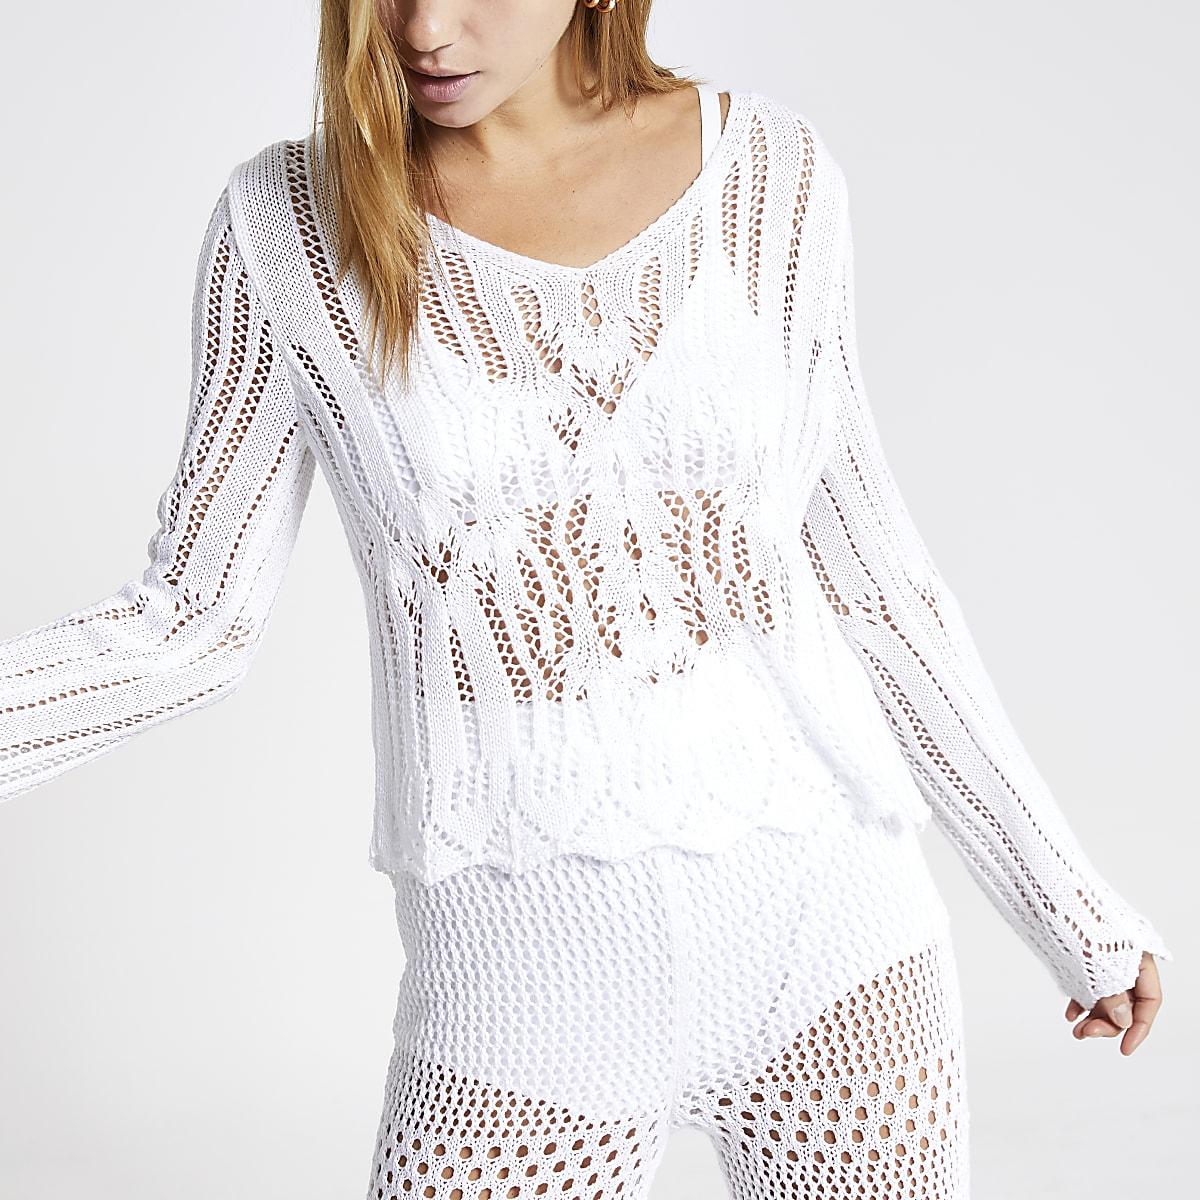 White crochet long sleeve top